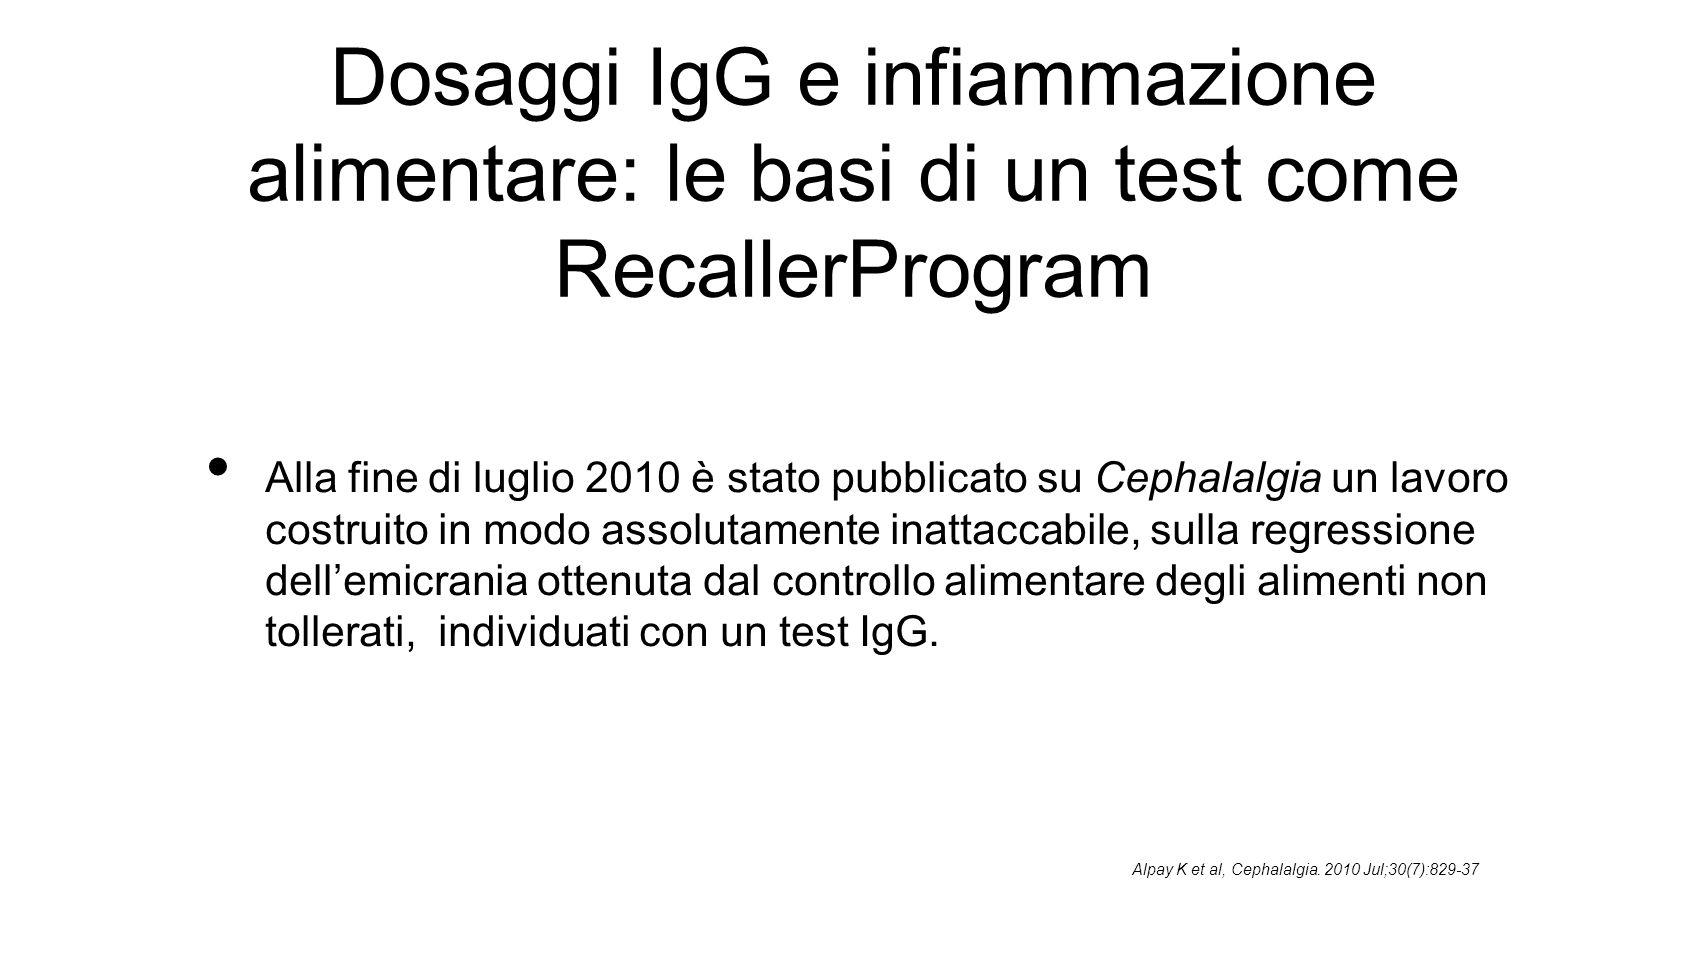 Dosaggi IgG e infiammazione alimentare: le basi di un test come RecallerProgram